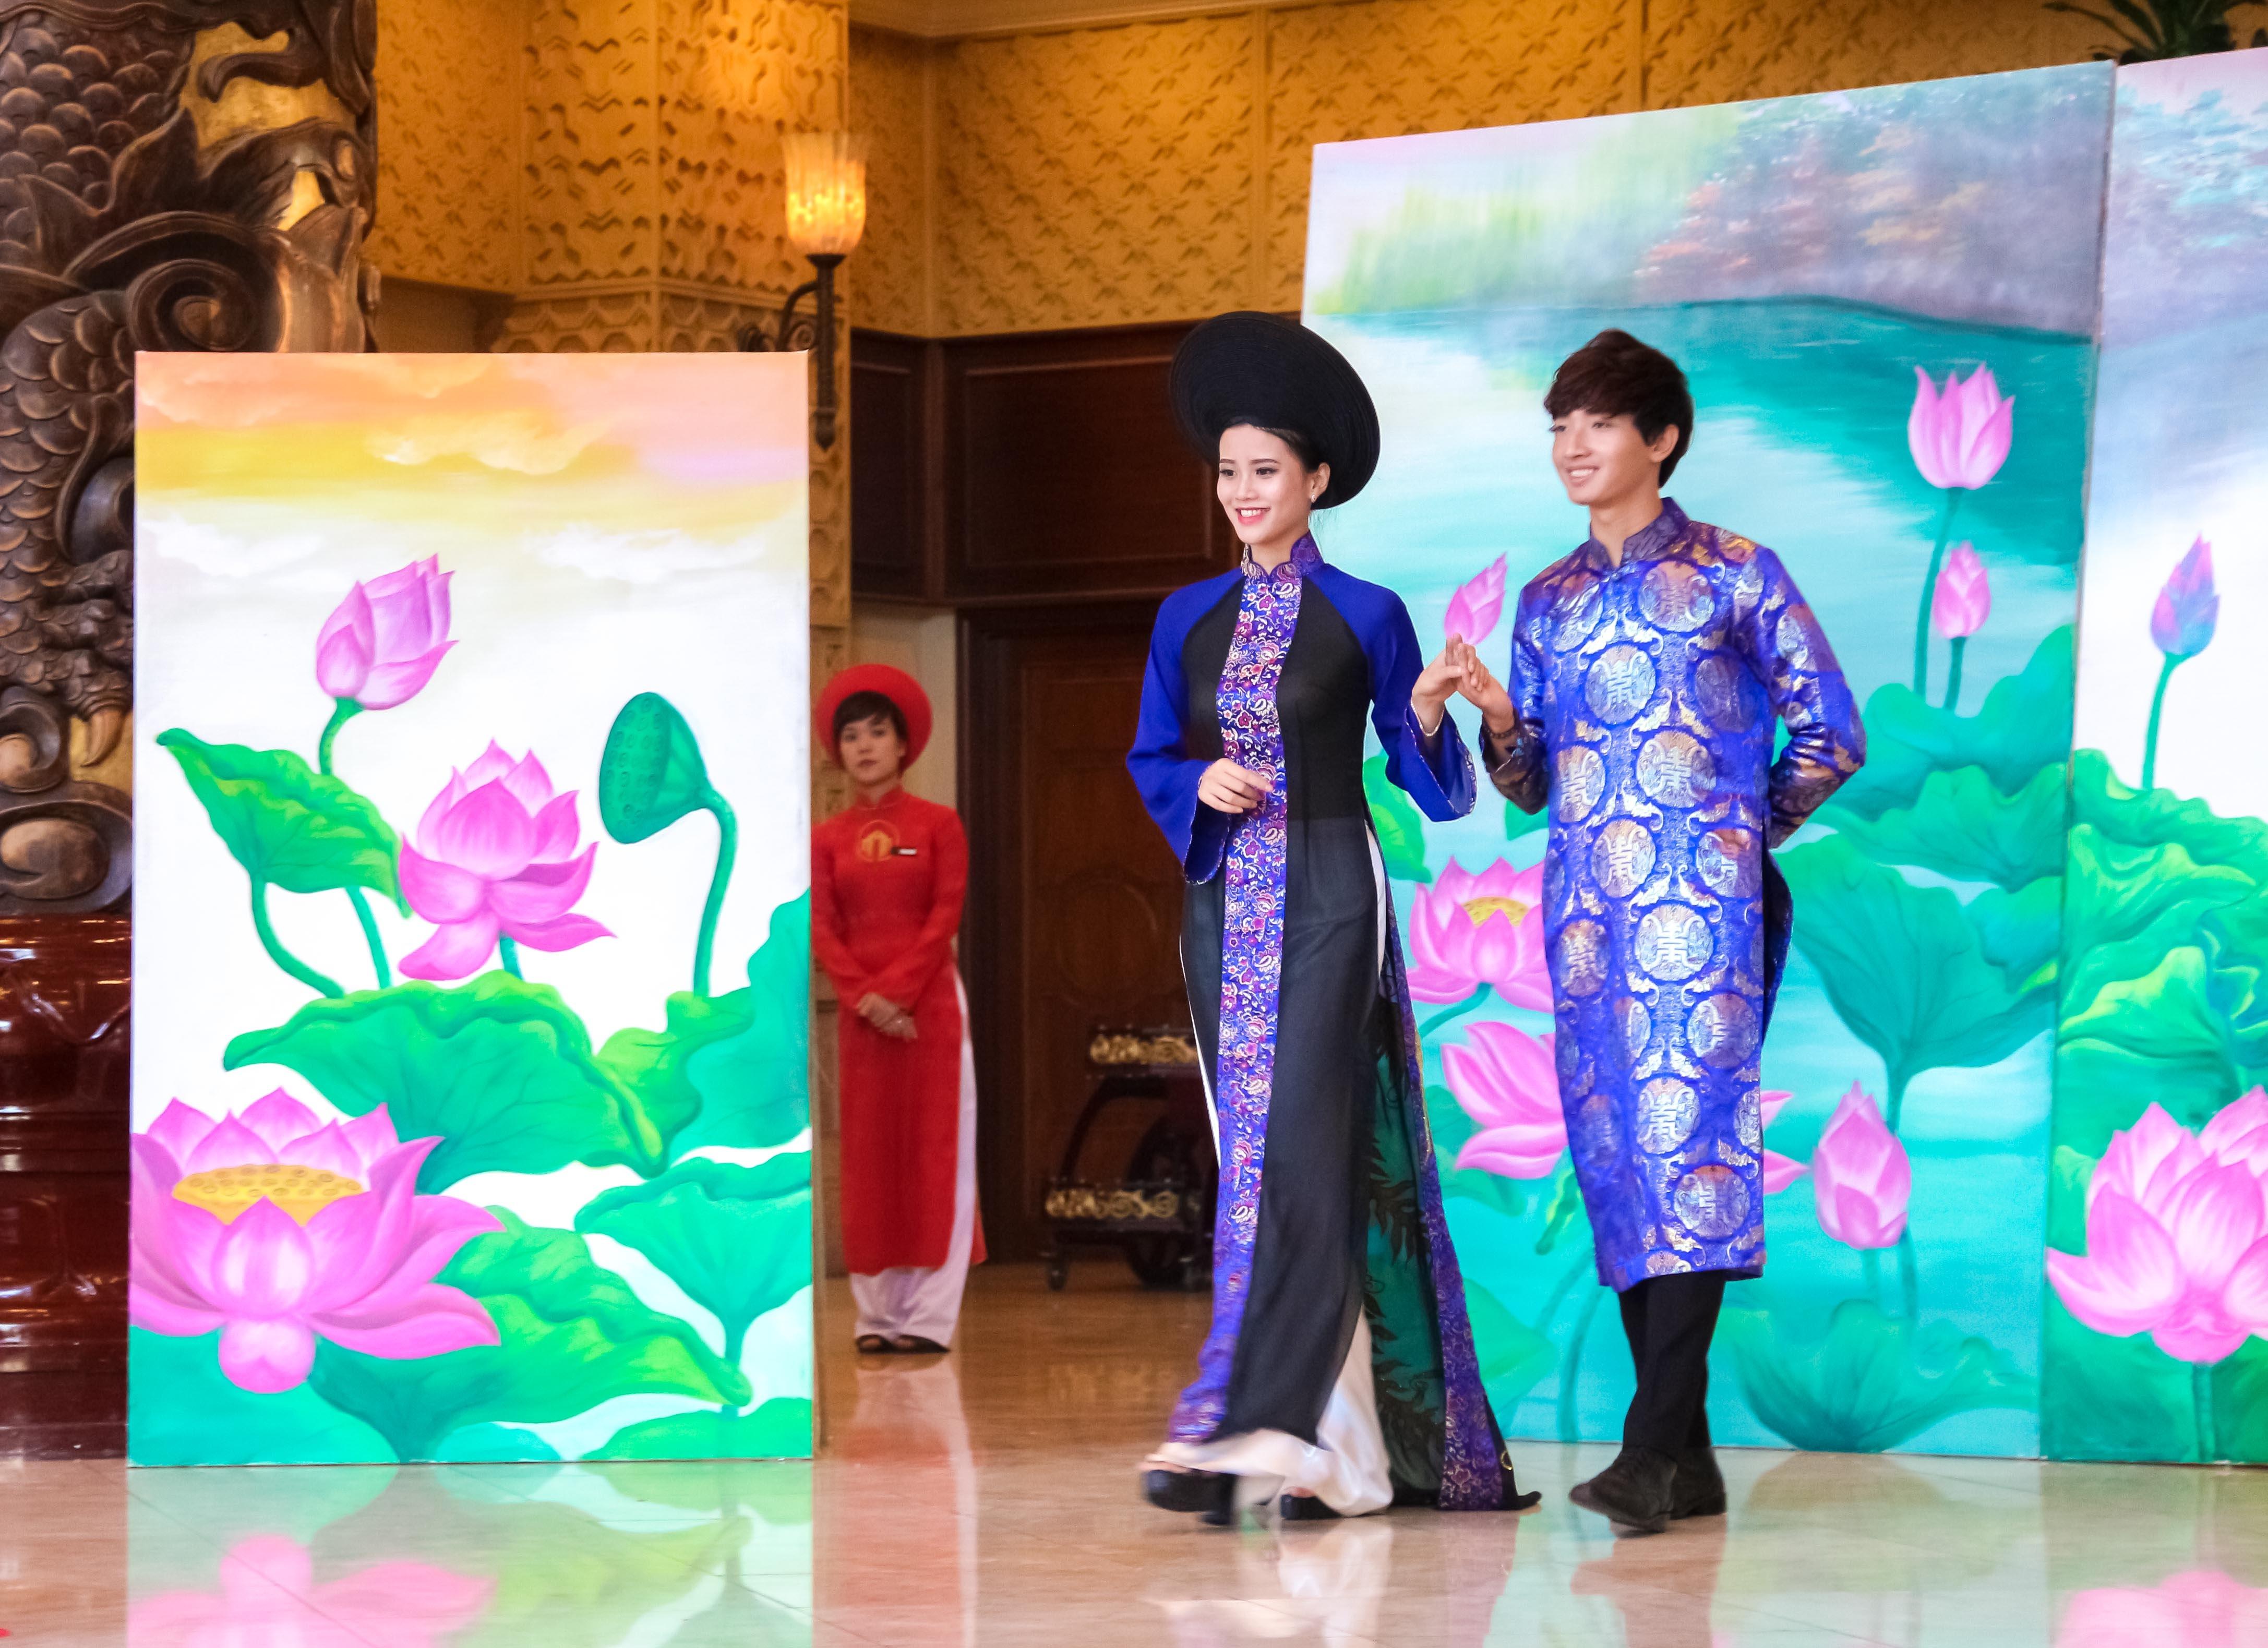 Khán giả cũng được chiêm ngưỡng những bộ áo dài cưới độc đáo